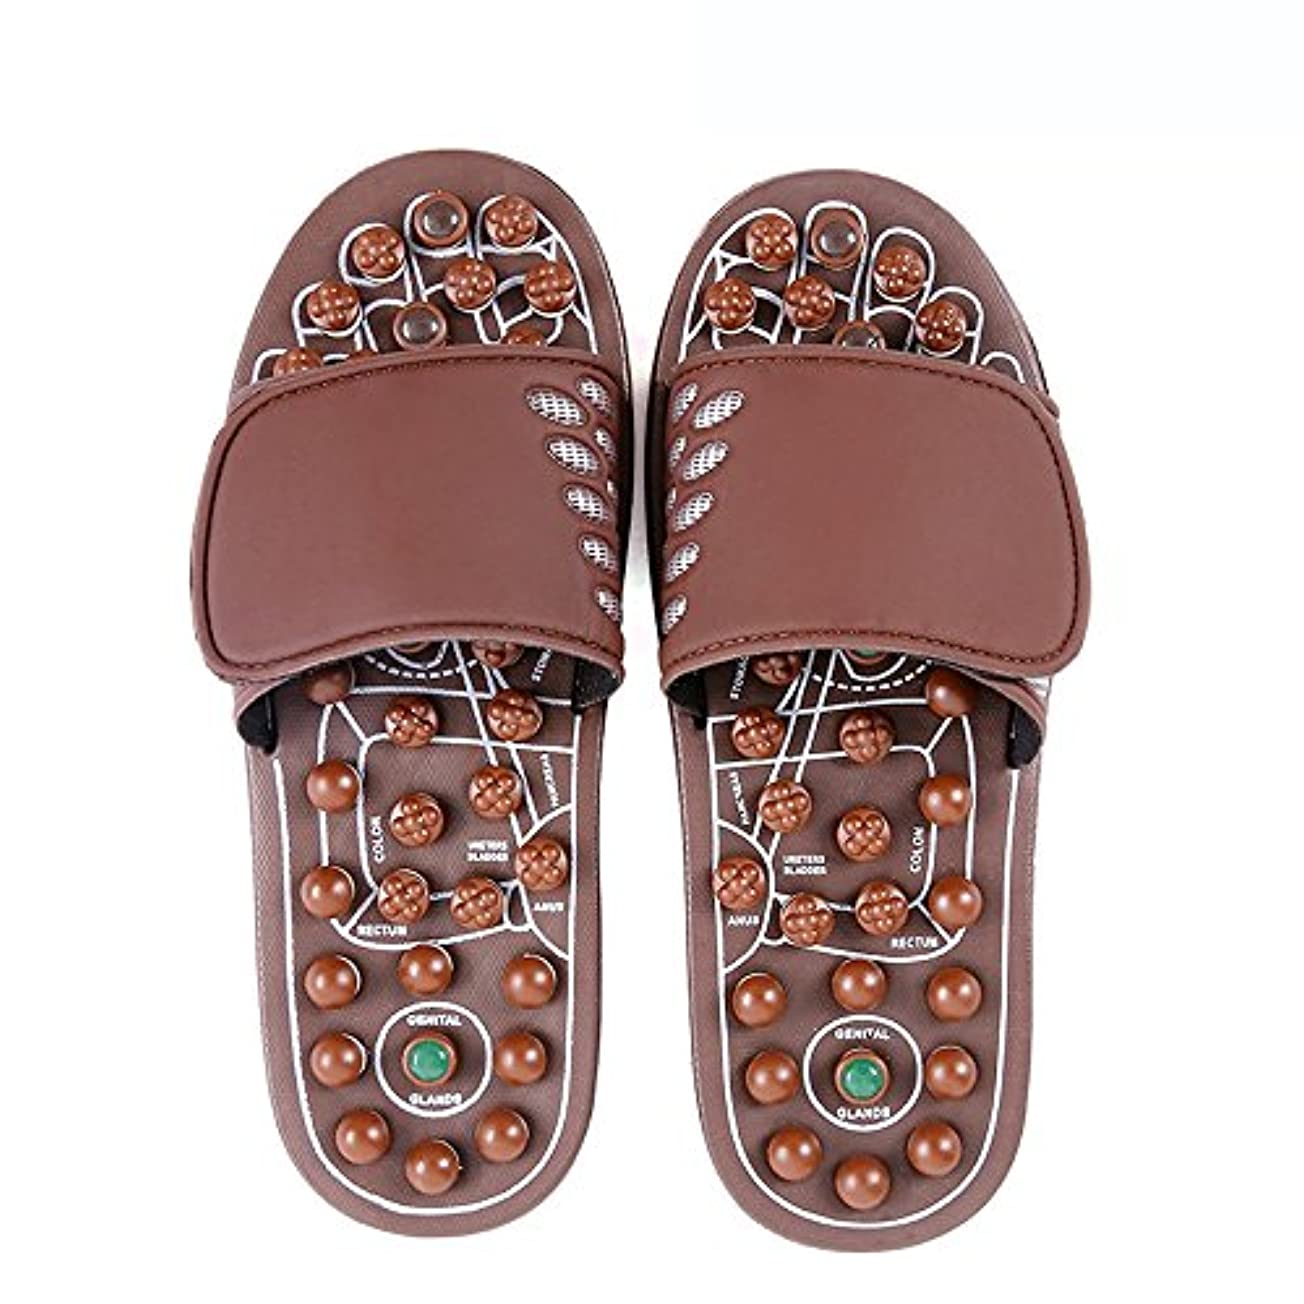 解放する盗賊動機付ける快適 ジェイドマッサージスリッパ女性の足指圧ホームシューズ滑り止めスリッパ屋内マッサージシューズ(オプションのサイズ) 増加した (サイズ さいず : L(43-46))